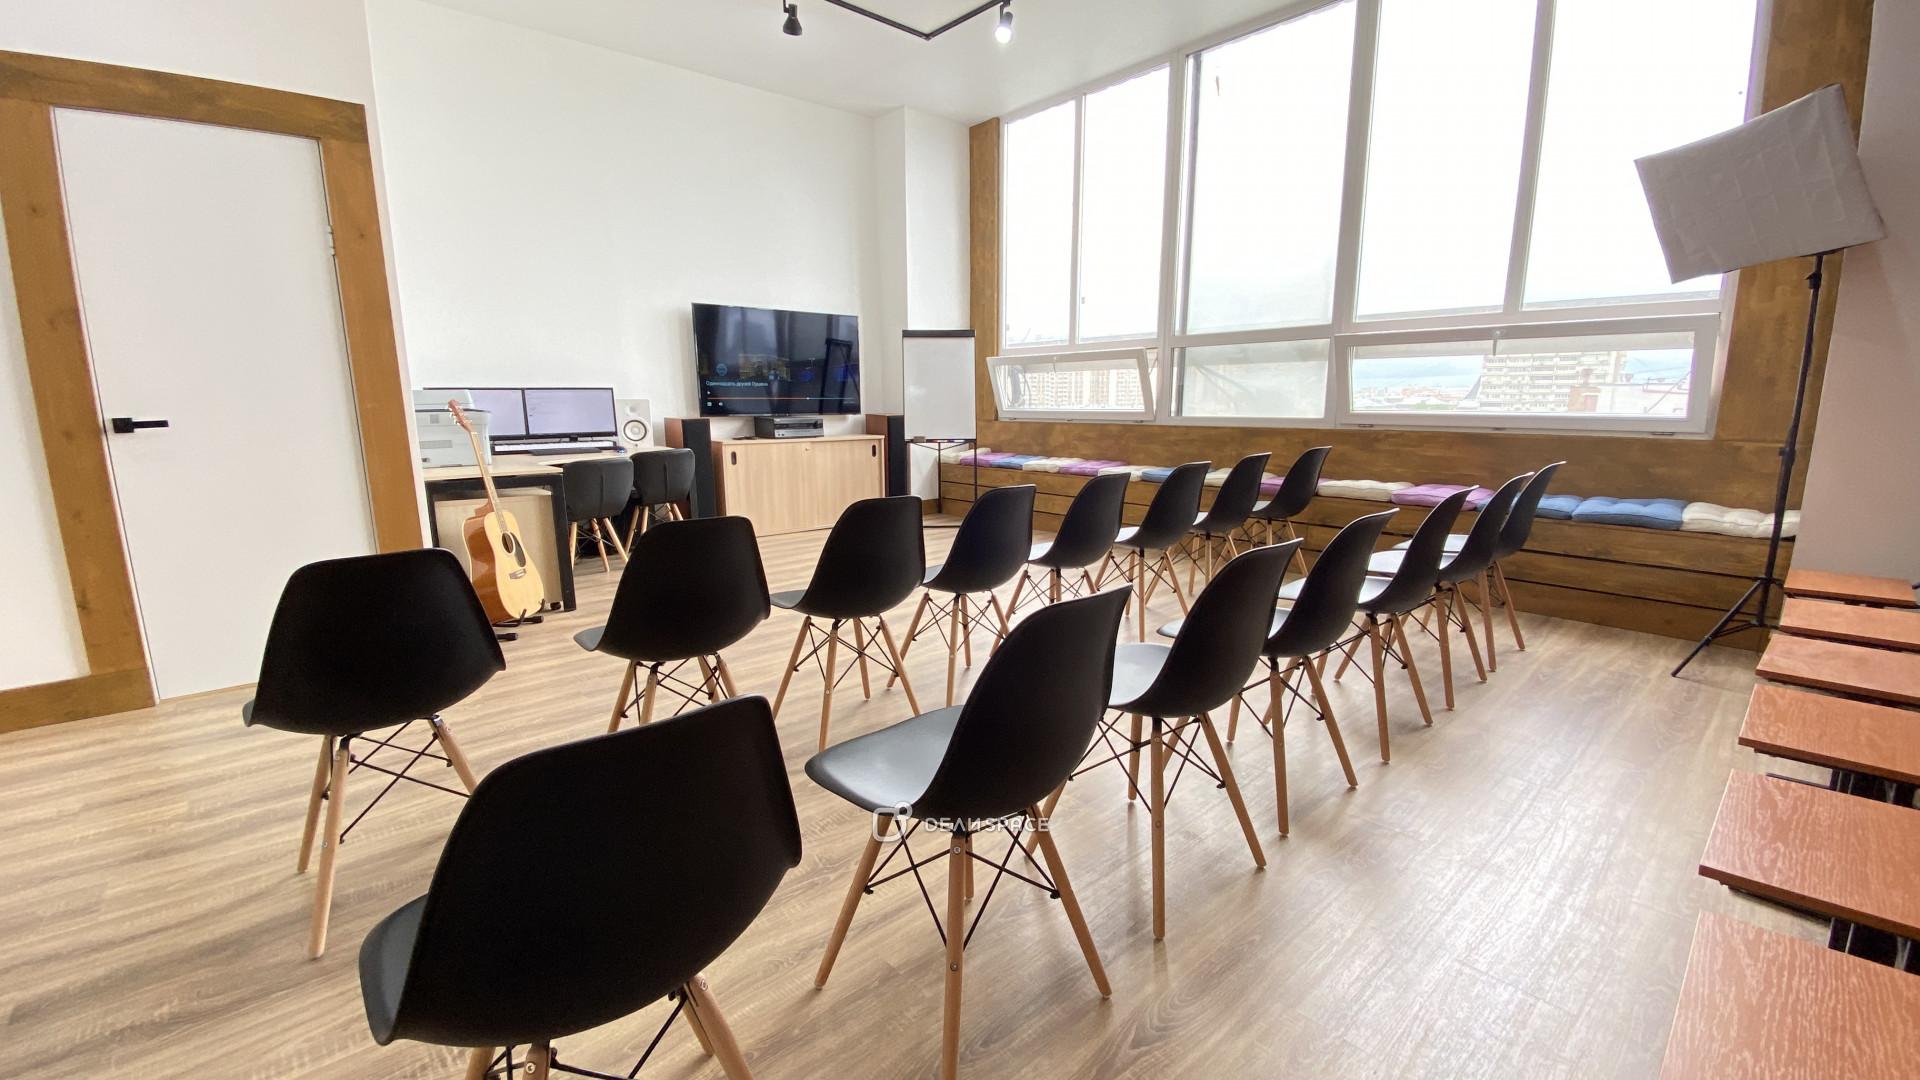 Зал для лекций и семинаров - фото №8